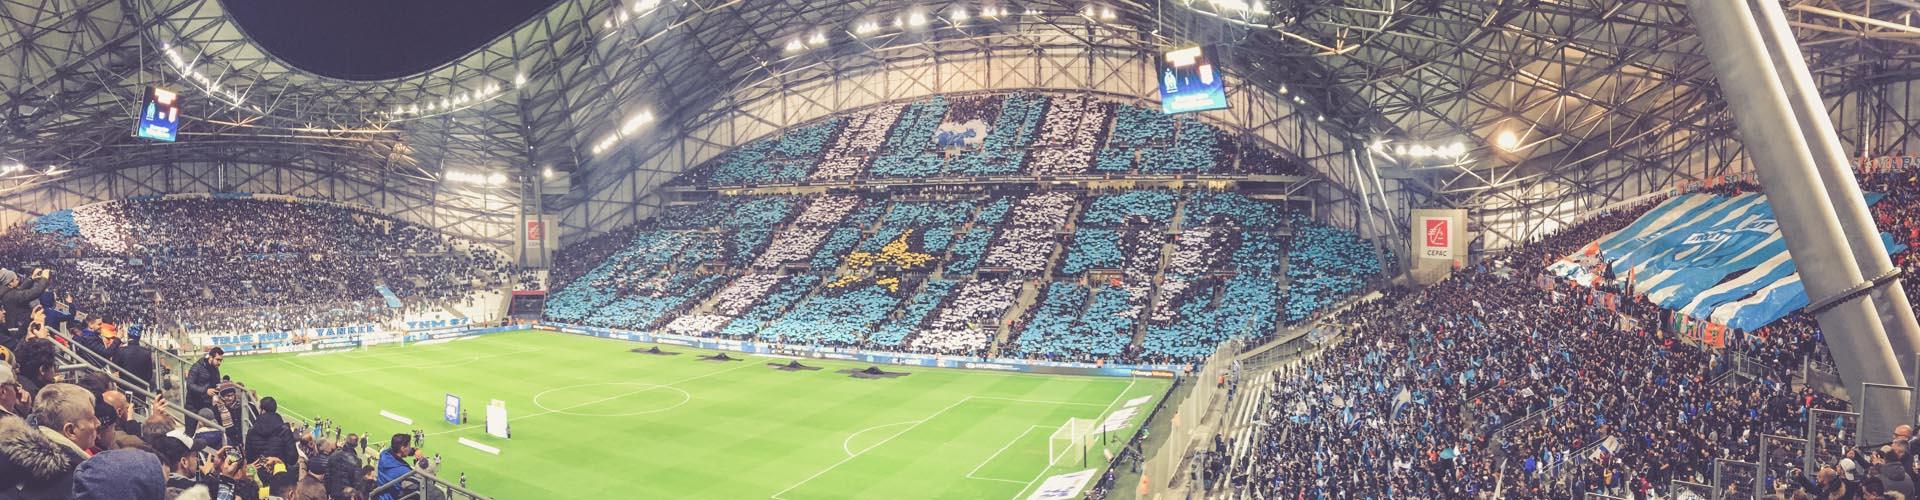 Stade Vélodrome - Panorama